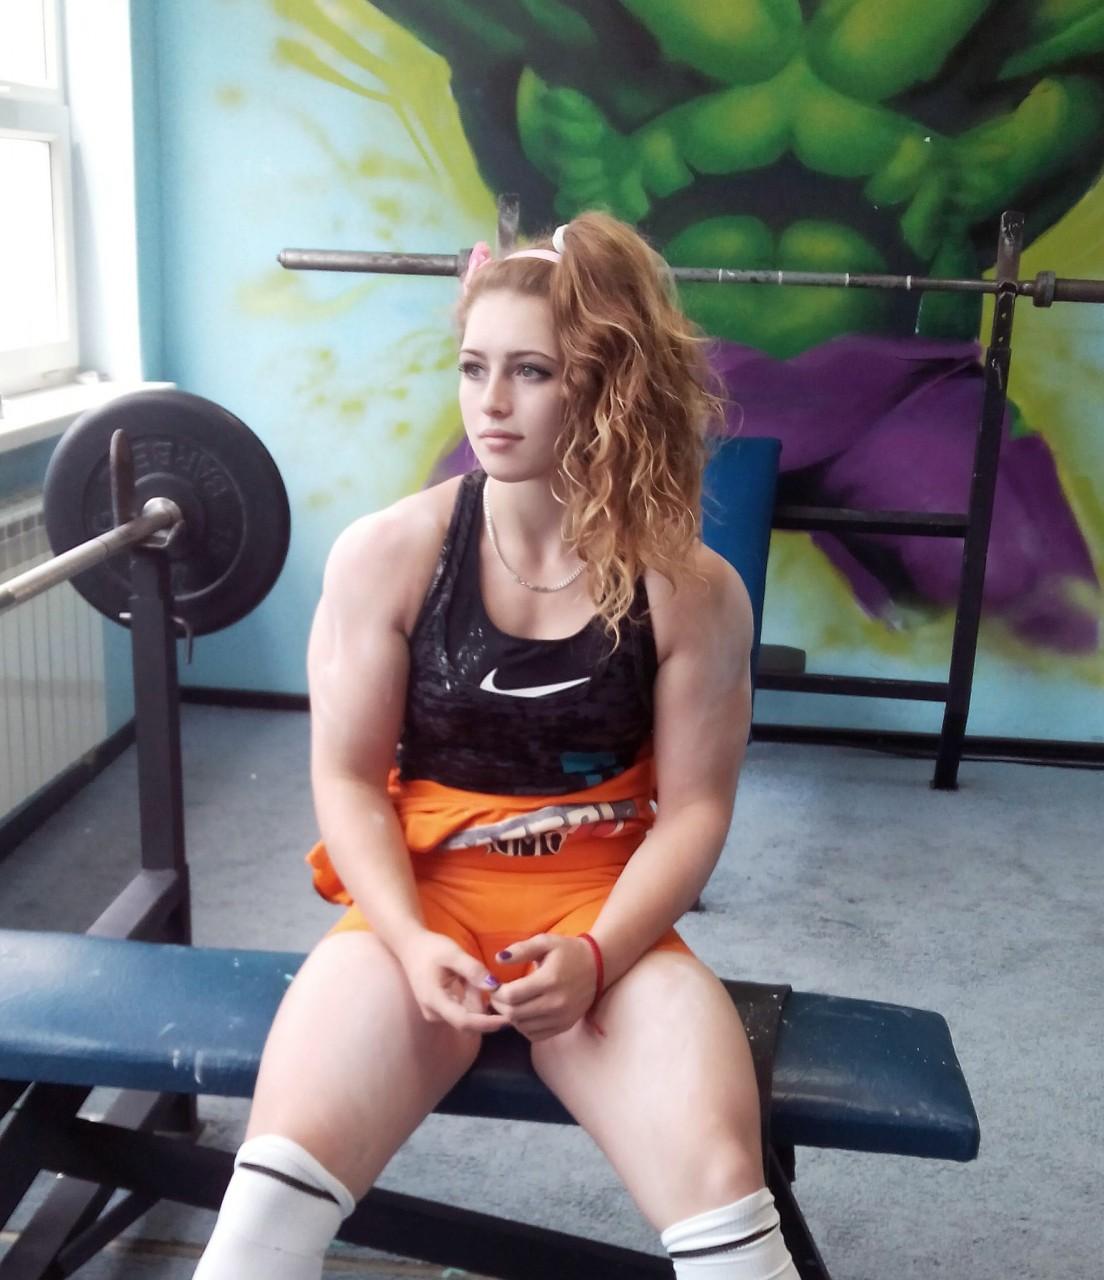 Фото мускулистых девушек в одежде 1 фотография